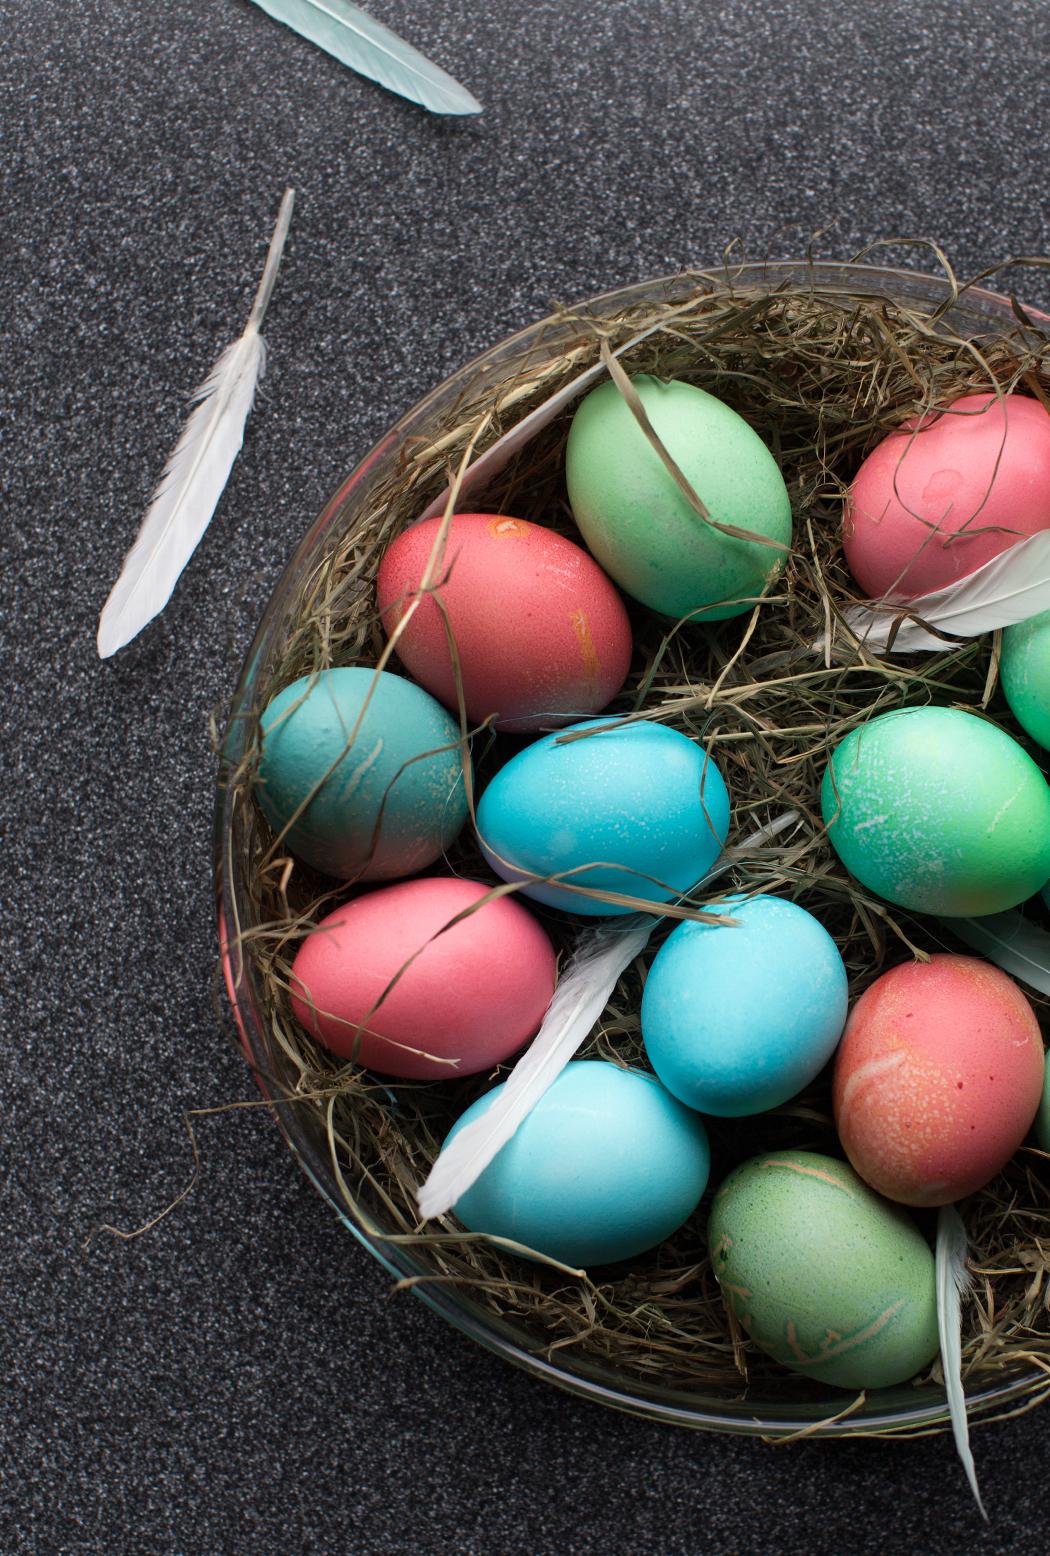 Osternest 2016, Eier in Pastell Farben, Federn, Stroh